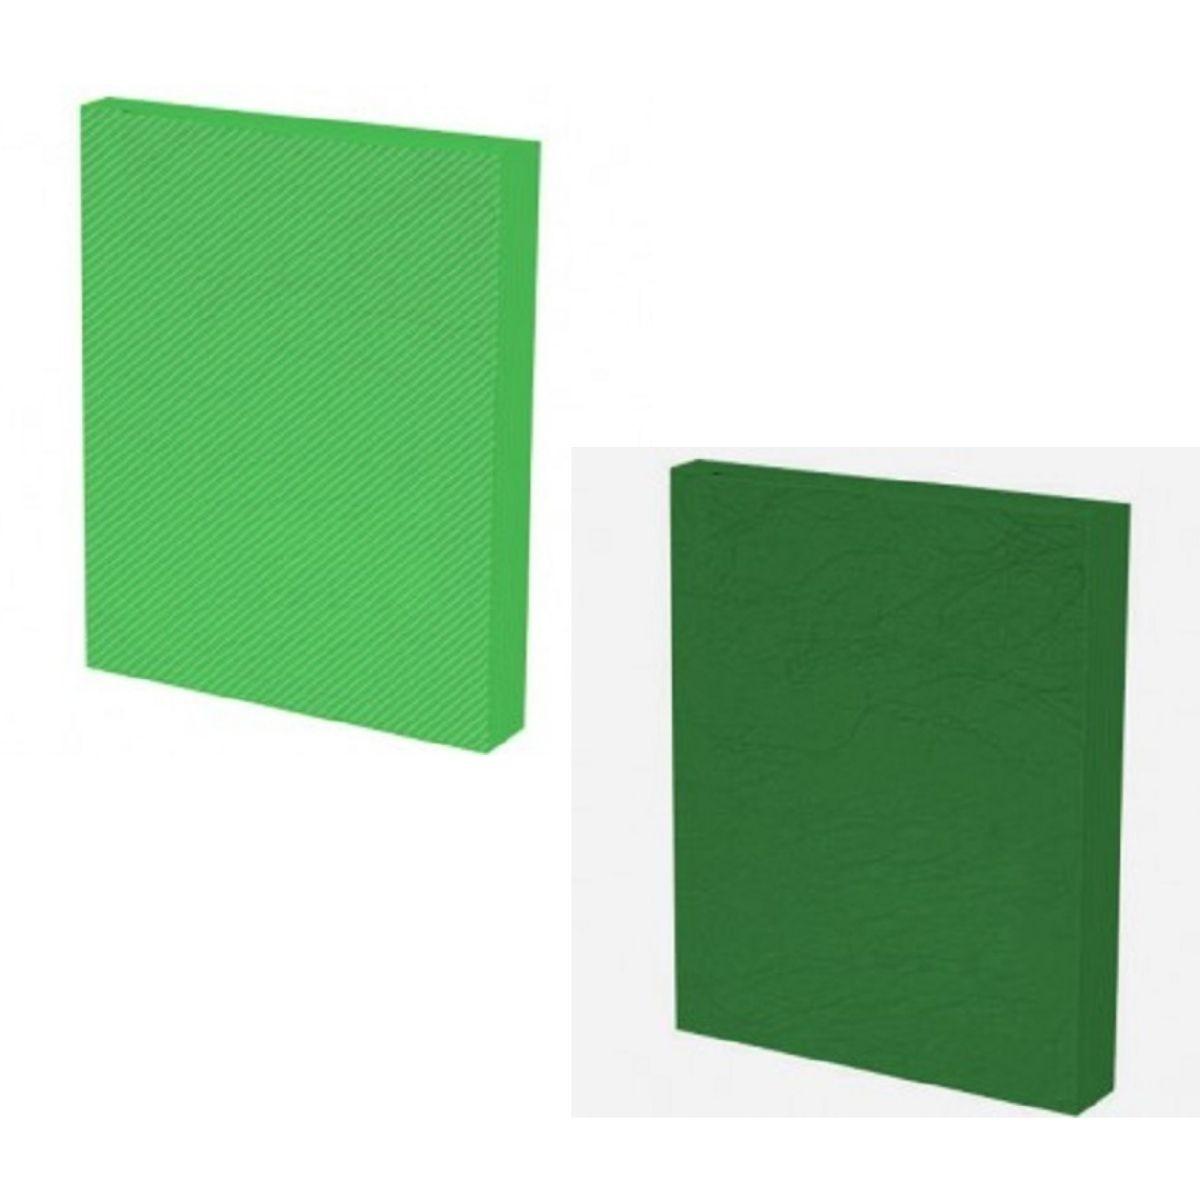 Kit 200 Capas para Encadernação A4 Verde  - Click Suprimentos